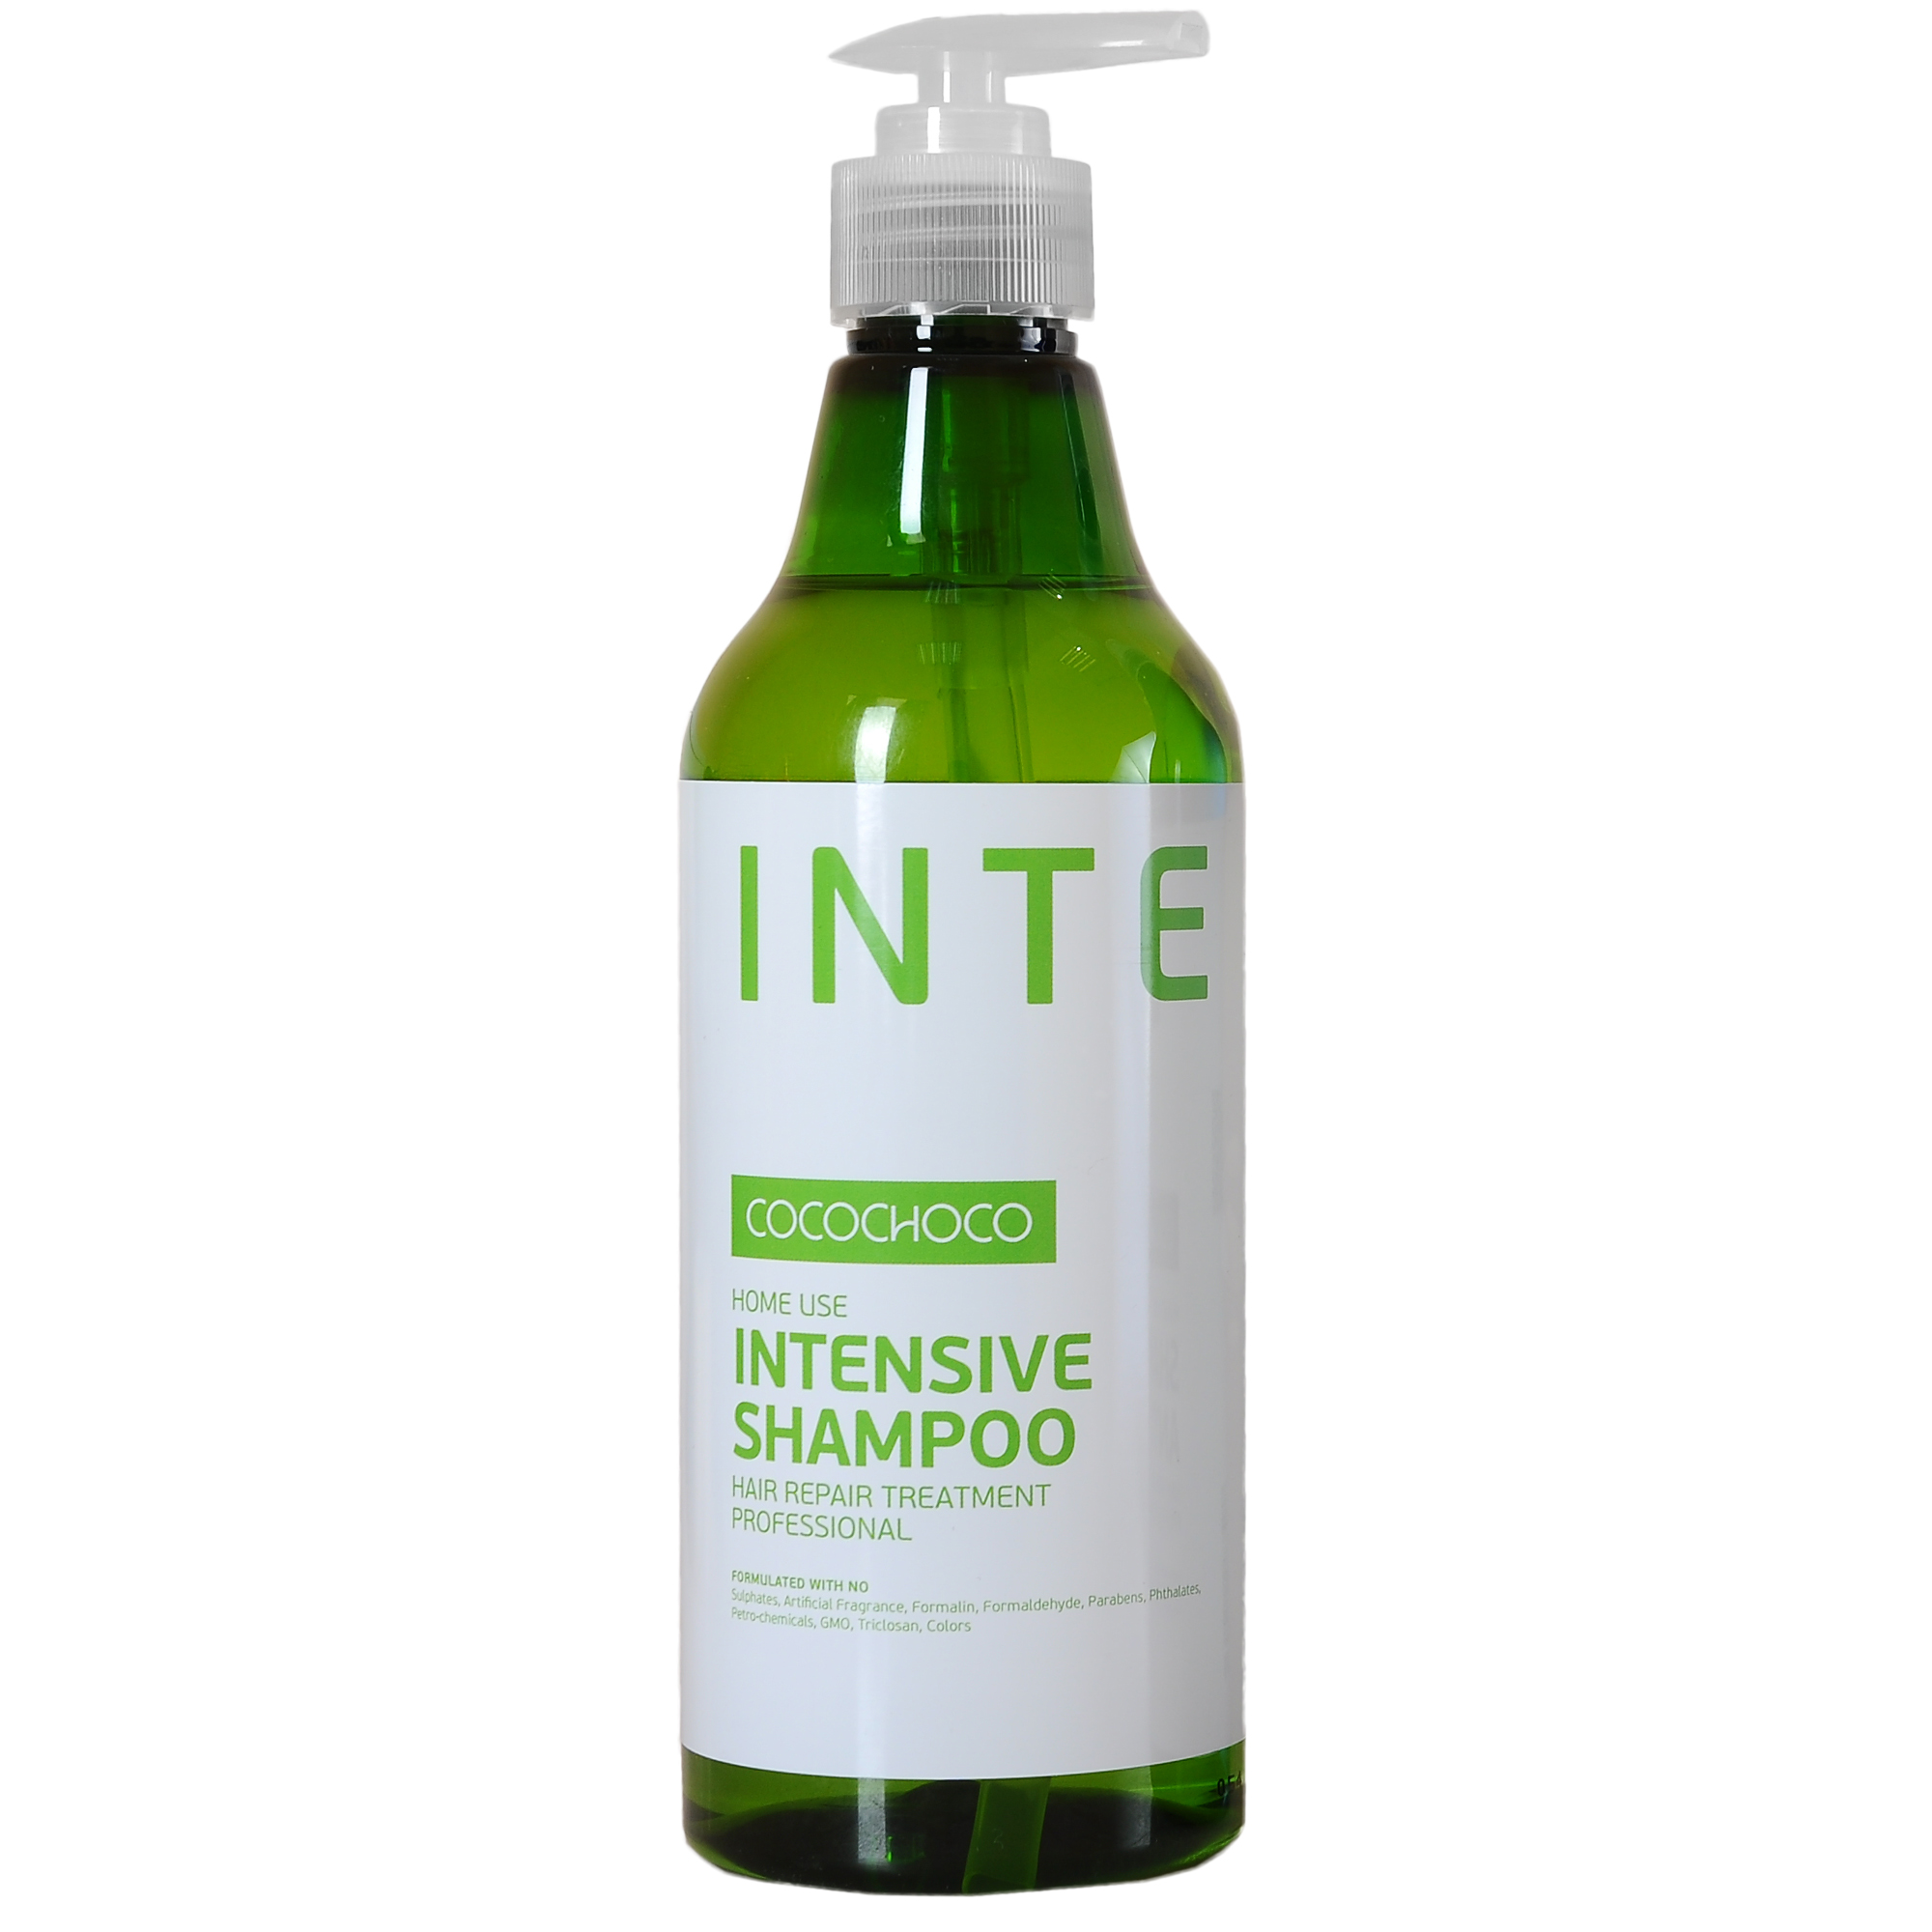 COCOCHOCO Шампунь для интенсивного увлажнения / INTENSIVE 500 млШампуни<br>Шампунь Intensive Shampoo для интенсивного увлажнения и ухода за сухими и повреждёнными волосами. Глубоко проникает в структуру волоса, питает от корней до самых кончиков, устраняет и предотвращает ломкость, облегчает расчёсывание. Идеально подходит как средство ухода после процедуры кератинового восстановления волос. Способ применения: нанесите на влажные волосы массируя, равномерно распределите по волосам. Добавьте еще немного воды и помассируйте снова. Оставьте на 1-2 минуты. Тщательно смойте и повторите при необходимости. Активные ингредиенты: KERAMIMIC   натуральный кватернизированный кератин, технология биомиметики воссоздает материю волоса, восстанавливает полипиптидные цепочки, саморегулируемая формула. MIRUSTYLE   снижает пушистость, придает гладкость волосам, отлично работает как на прямых, так и на вьющихся волосах. LUSTRAPLEX   интенсивный компонент глубокого действия, распутывает волосы и облегчает расчесывание, придает сияние и блеск.<br><br>Объем: 500 мл<br>Вид средства для волос: Увлажняющий